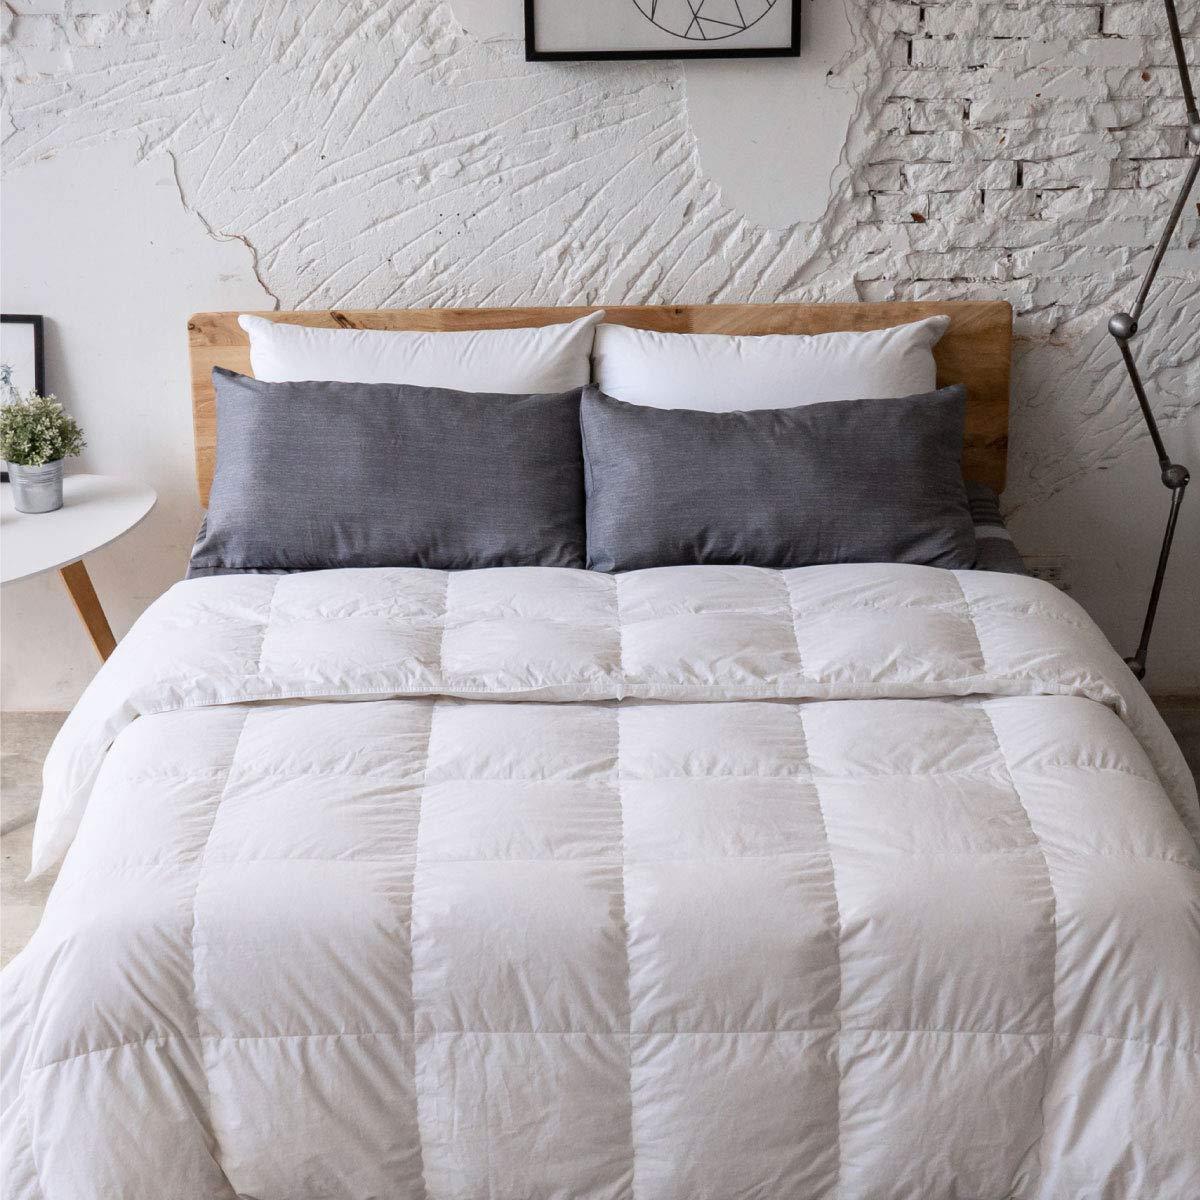 Antar Home Lightweight All Season Down Comforter, Duvet Insert King, 100% Cotton Shell, Real Filling White Down, Hypoallergenic (White)